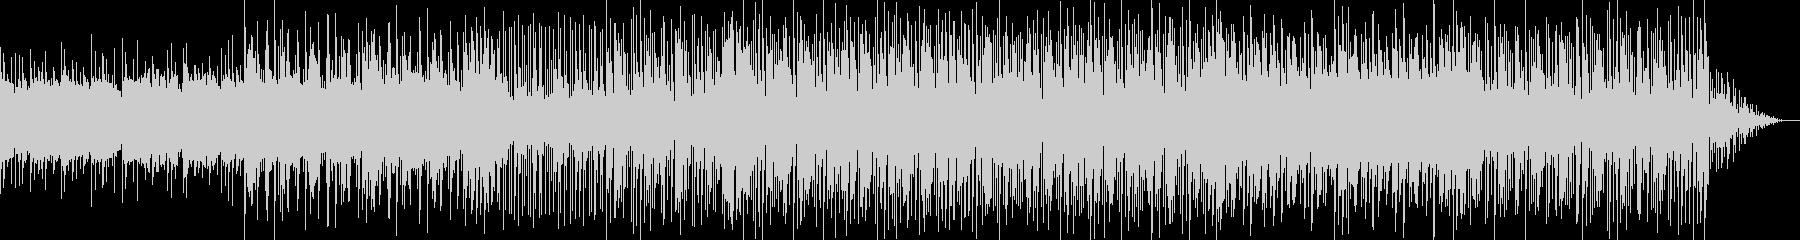 シンセのアルペジオが気持ちいいBGMの未再生の波形